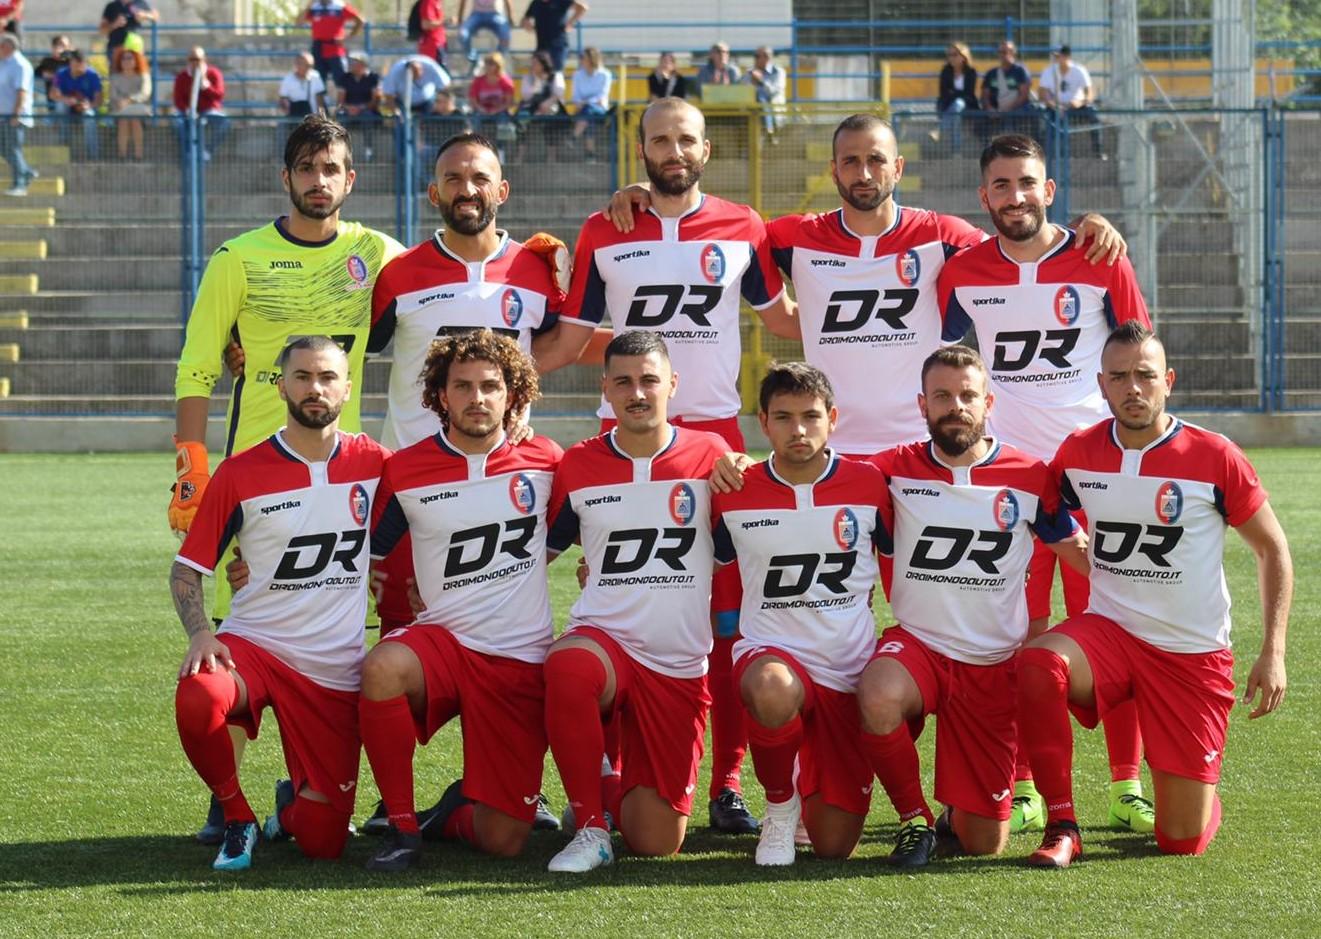 Calcio, Promozione: il Frigintini batte la Barrese ( 2 a 0 ) e torna a respirare